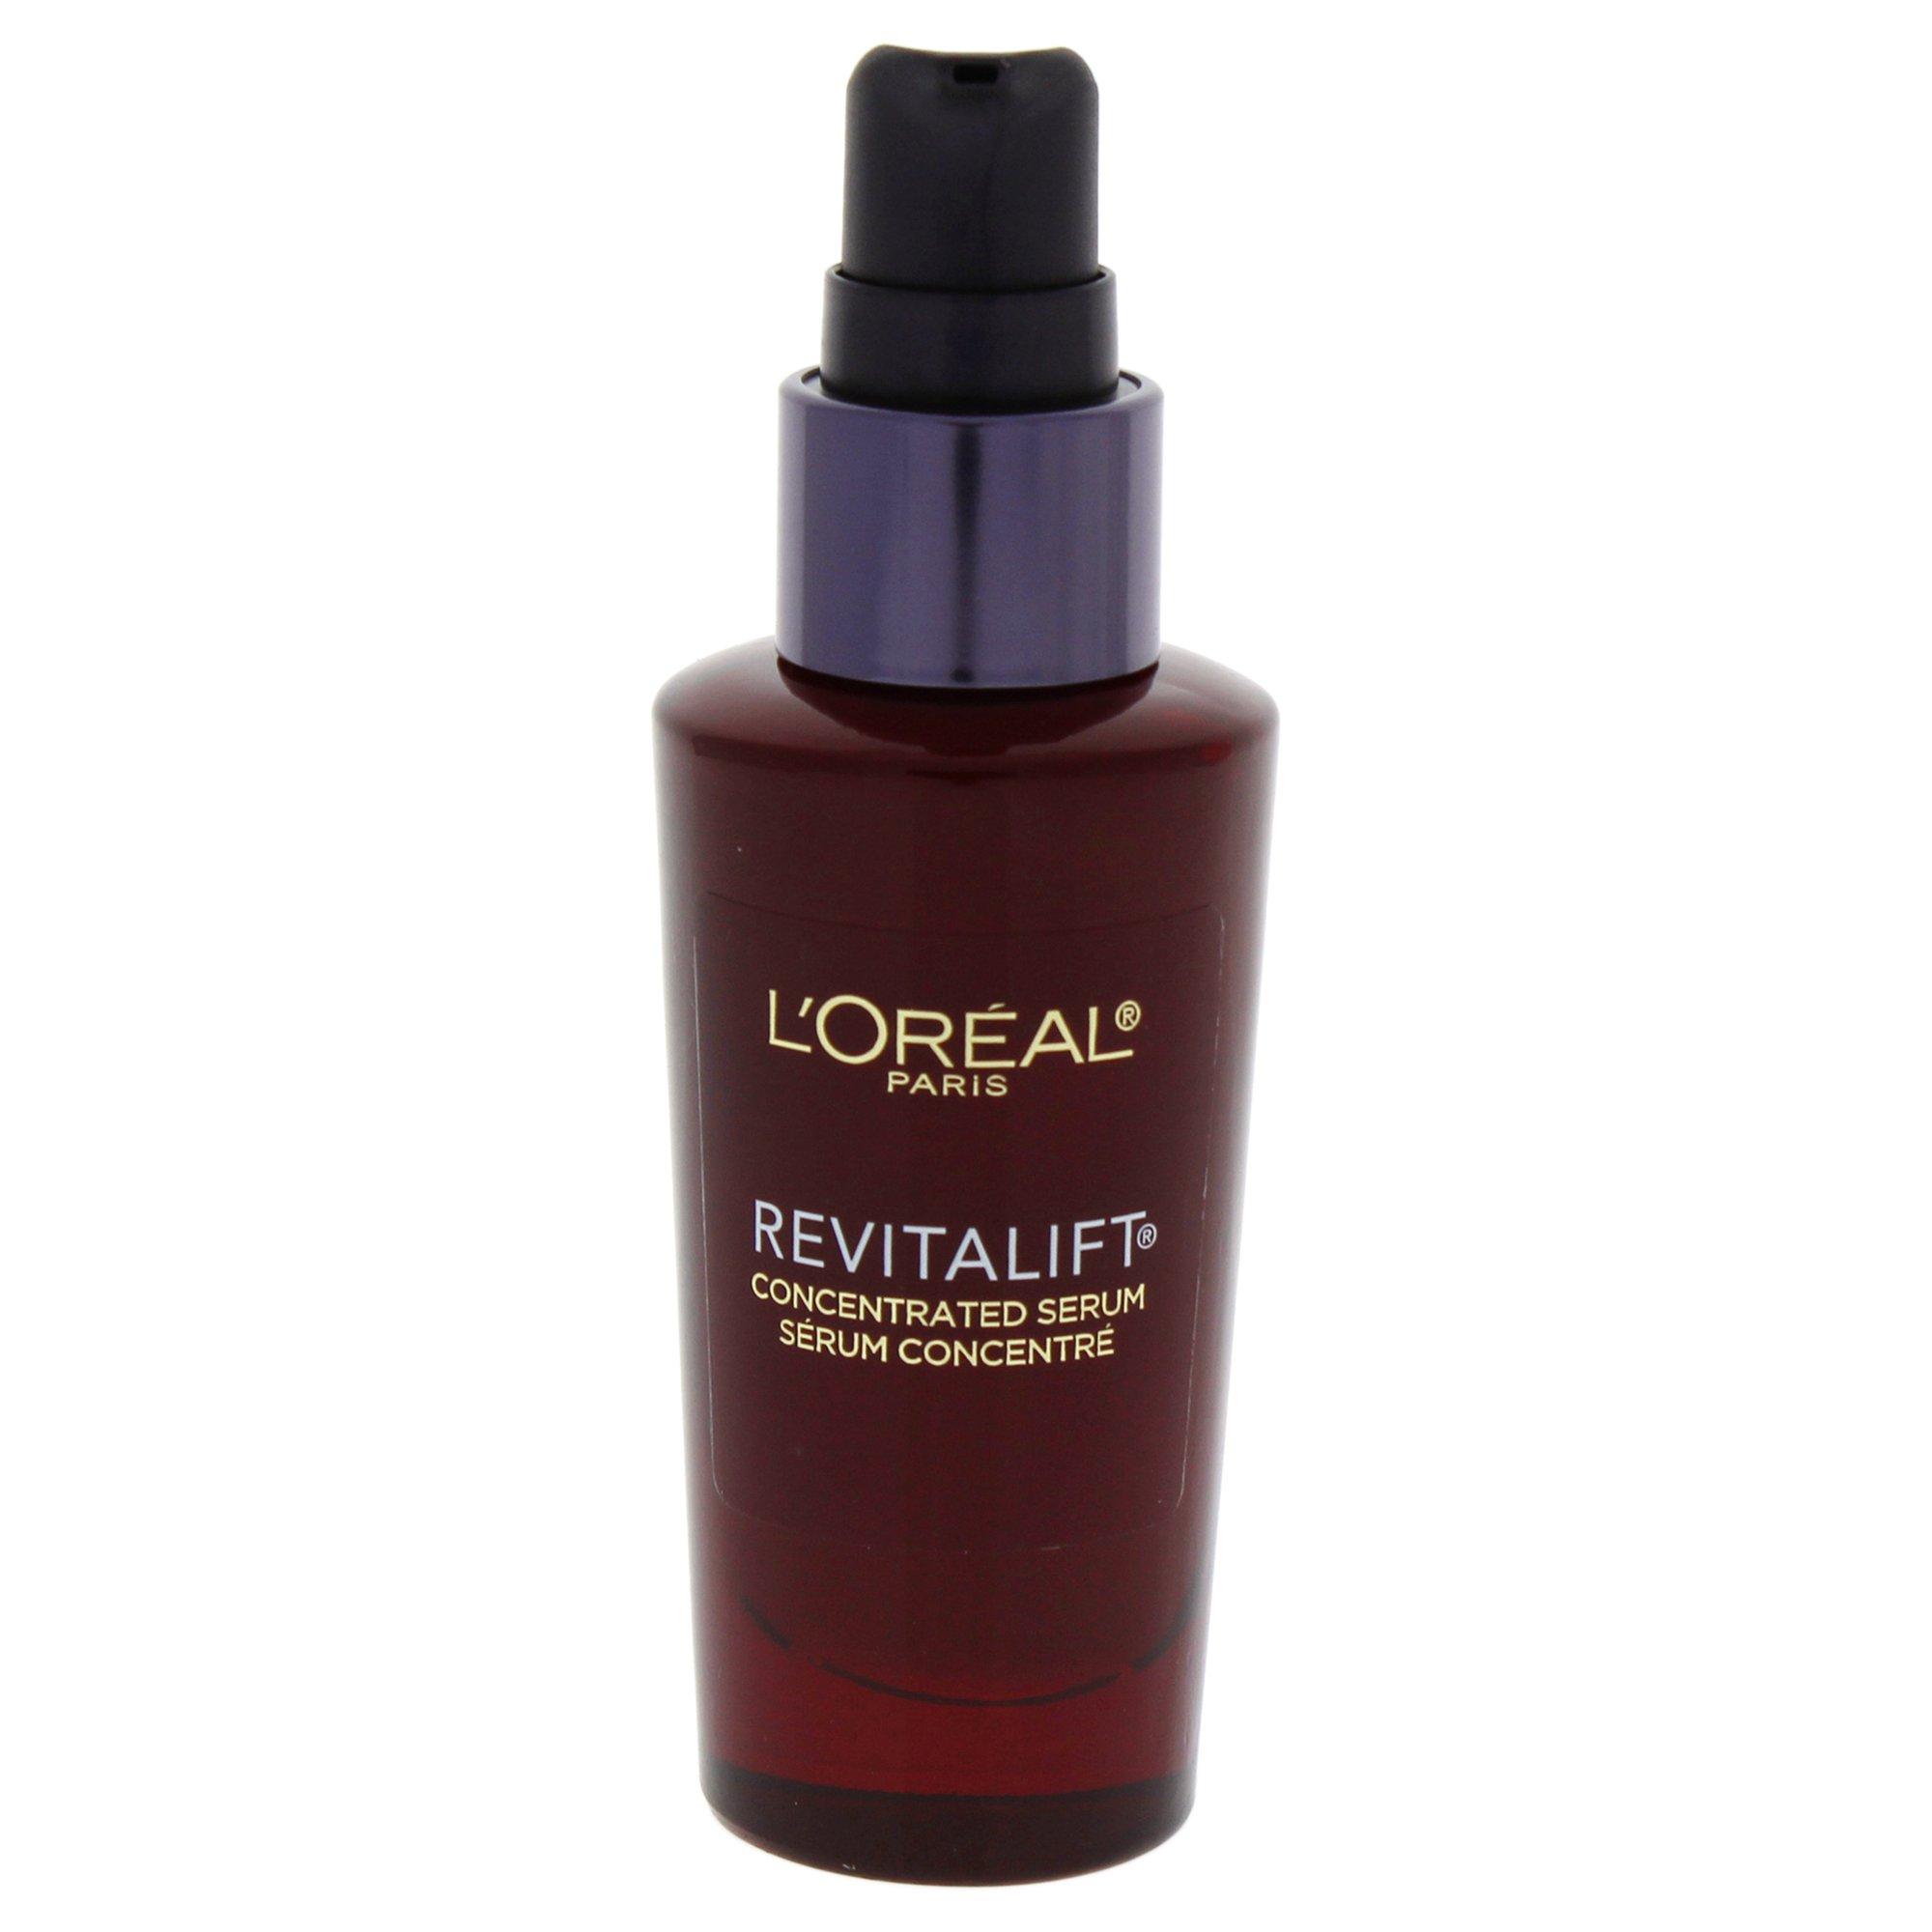 L'Oréal Paris Revitalift Triple Power Concentrated Serum Treatment, 1 fl. oz.